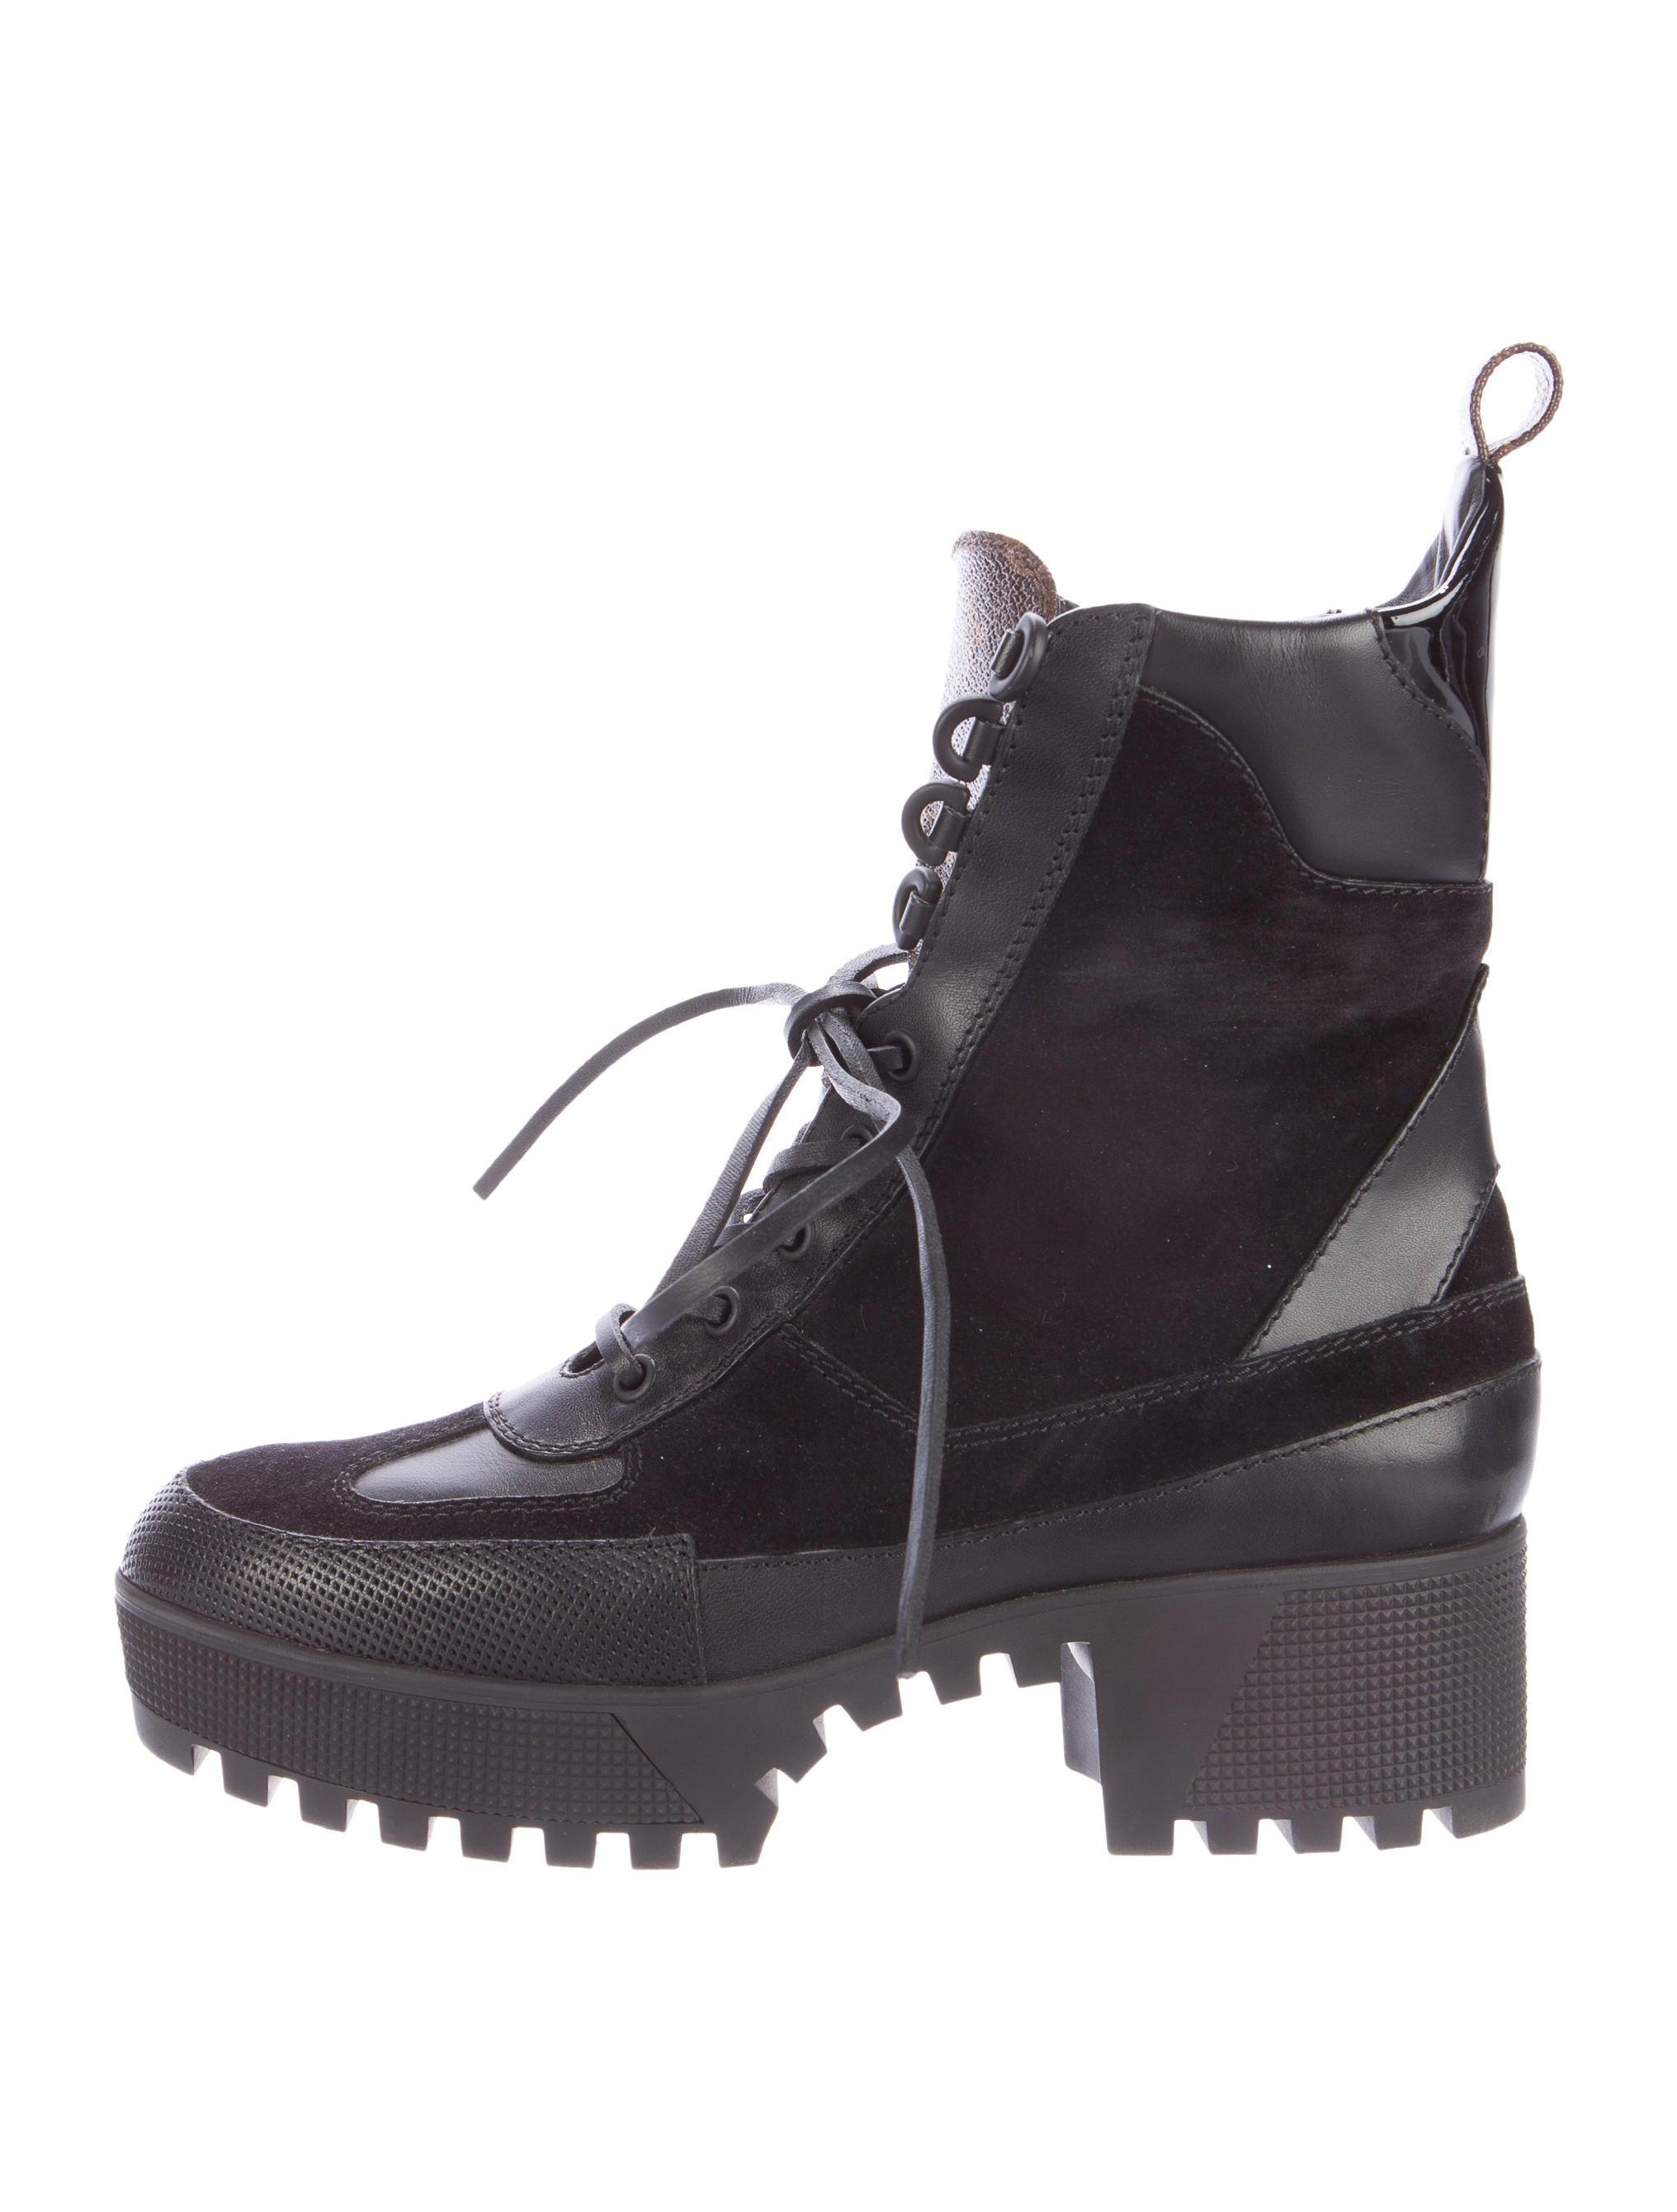 92208fb9f40 Louis Vuitton 2016 Laureate Platform Desert Boots - Shoes - LOU90386 ...